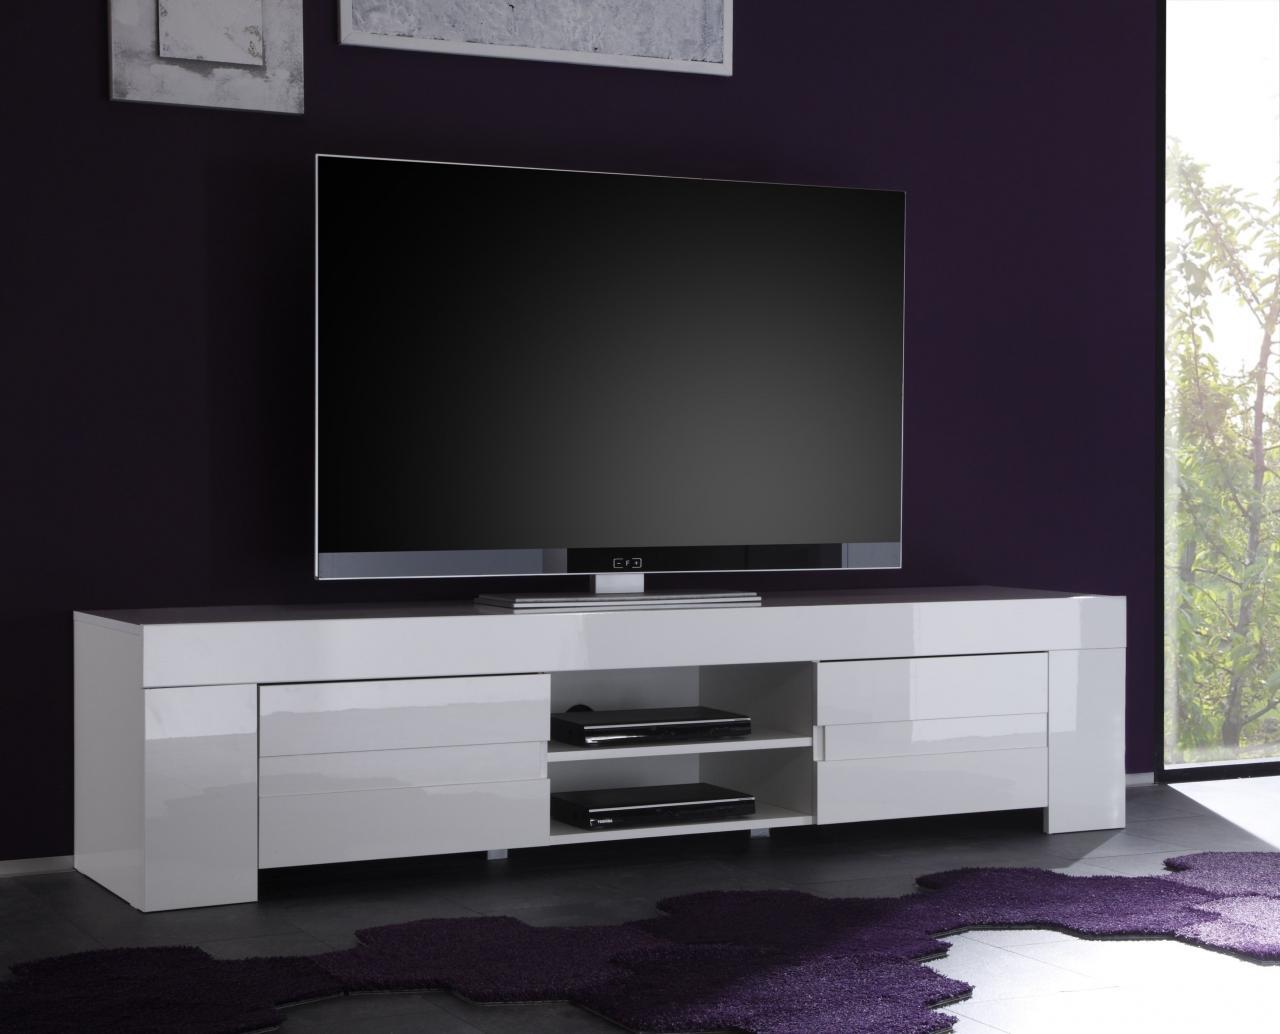 Meuble Tv Classique Ou Mural Je Vous Donne Mon Avis # Quel Meuble Tv Choisir